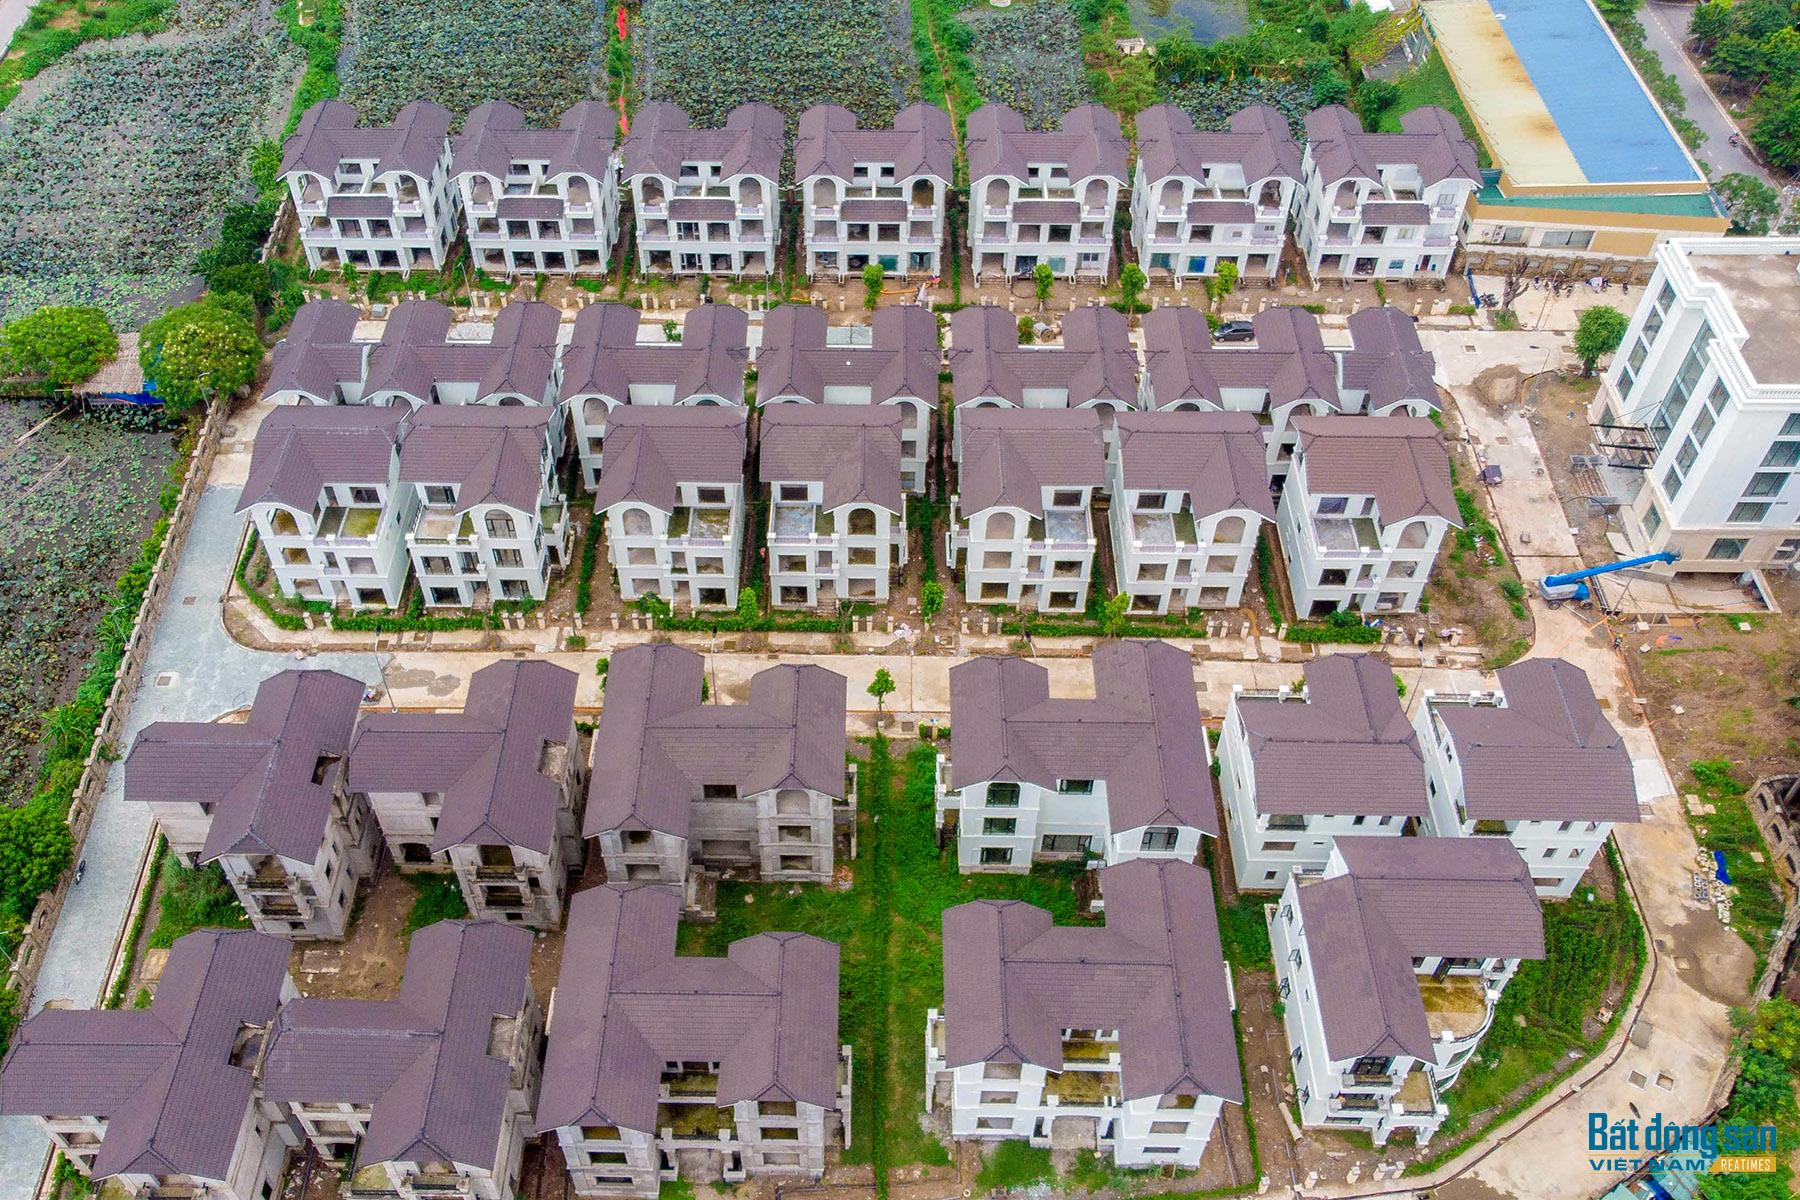 Reatimes_15.png, Dự án 44 căn biệt thự bỏ hoang, làng Đoàn kết